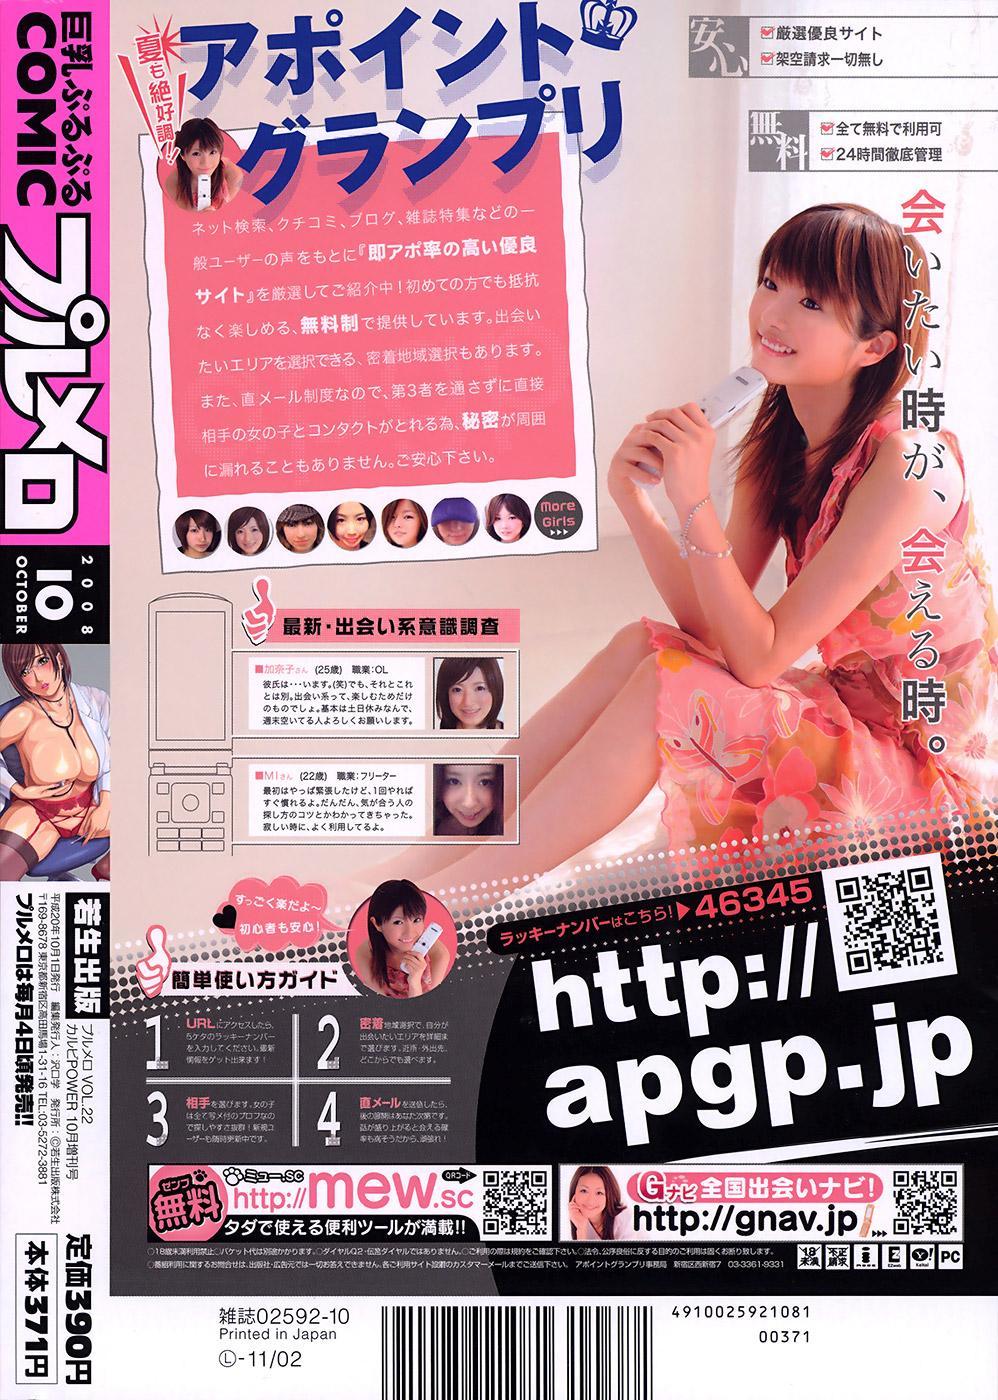 Comic Purumelo 2008-10 Vol.22 235